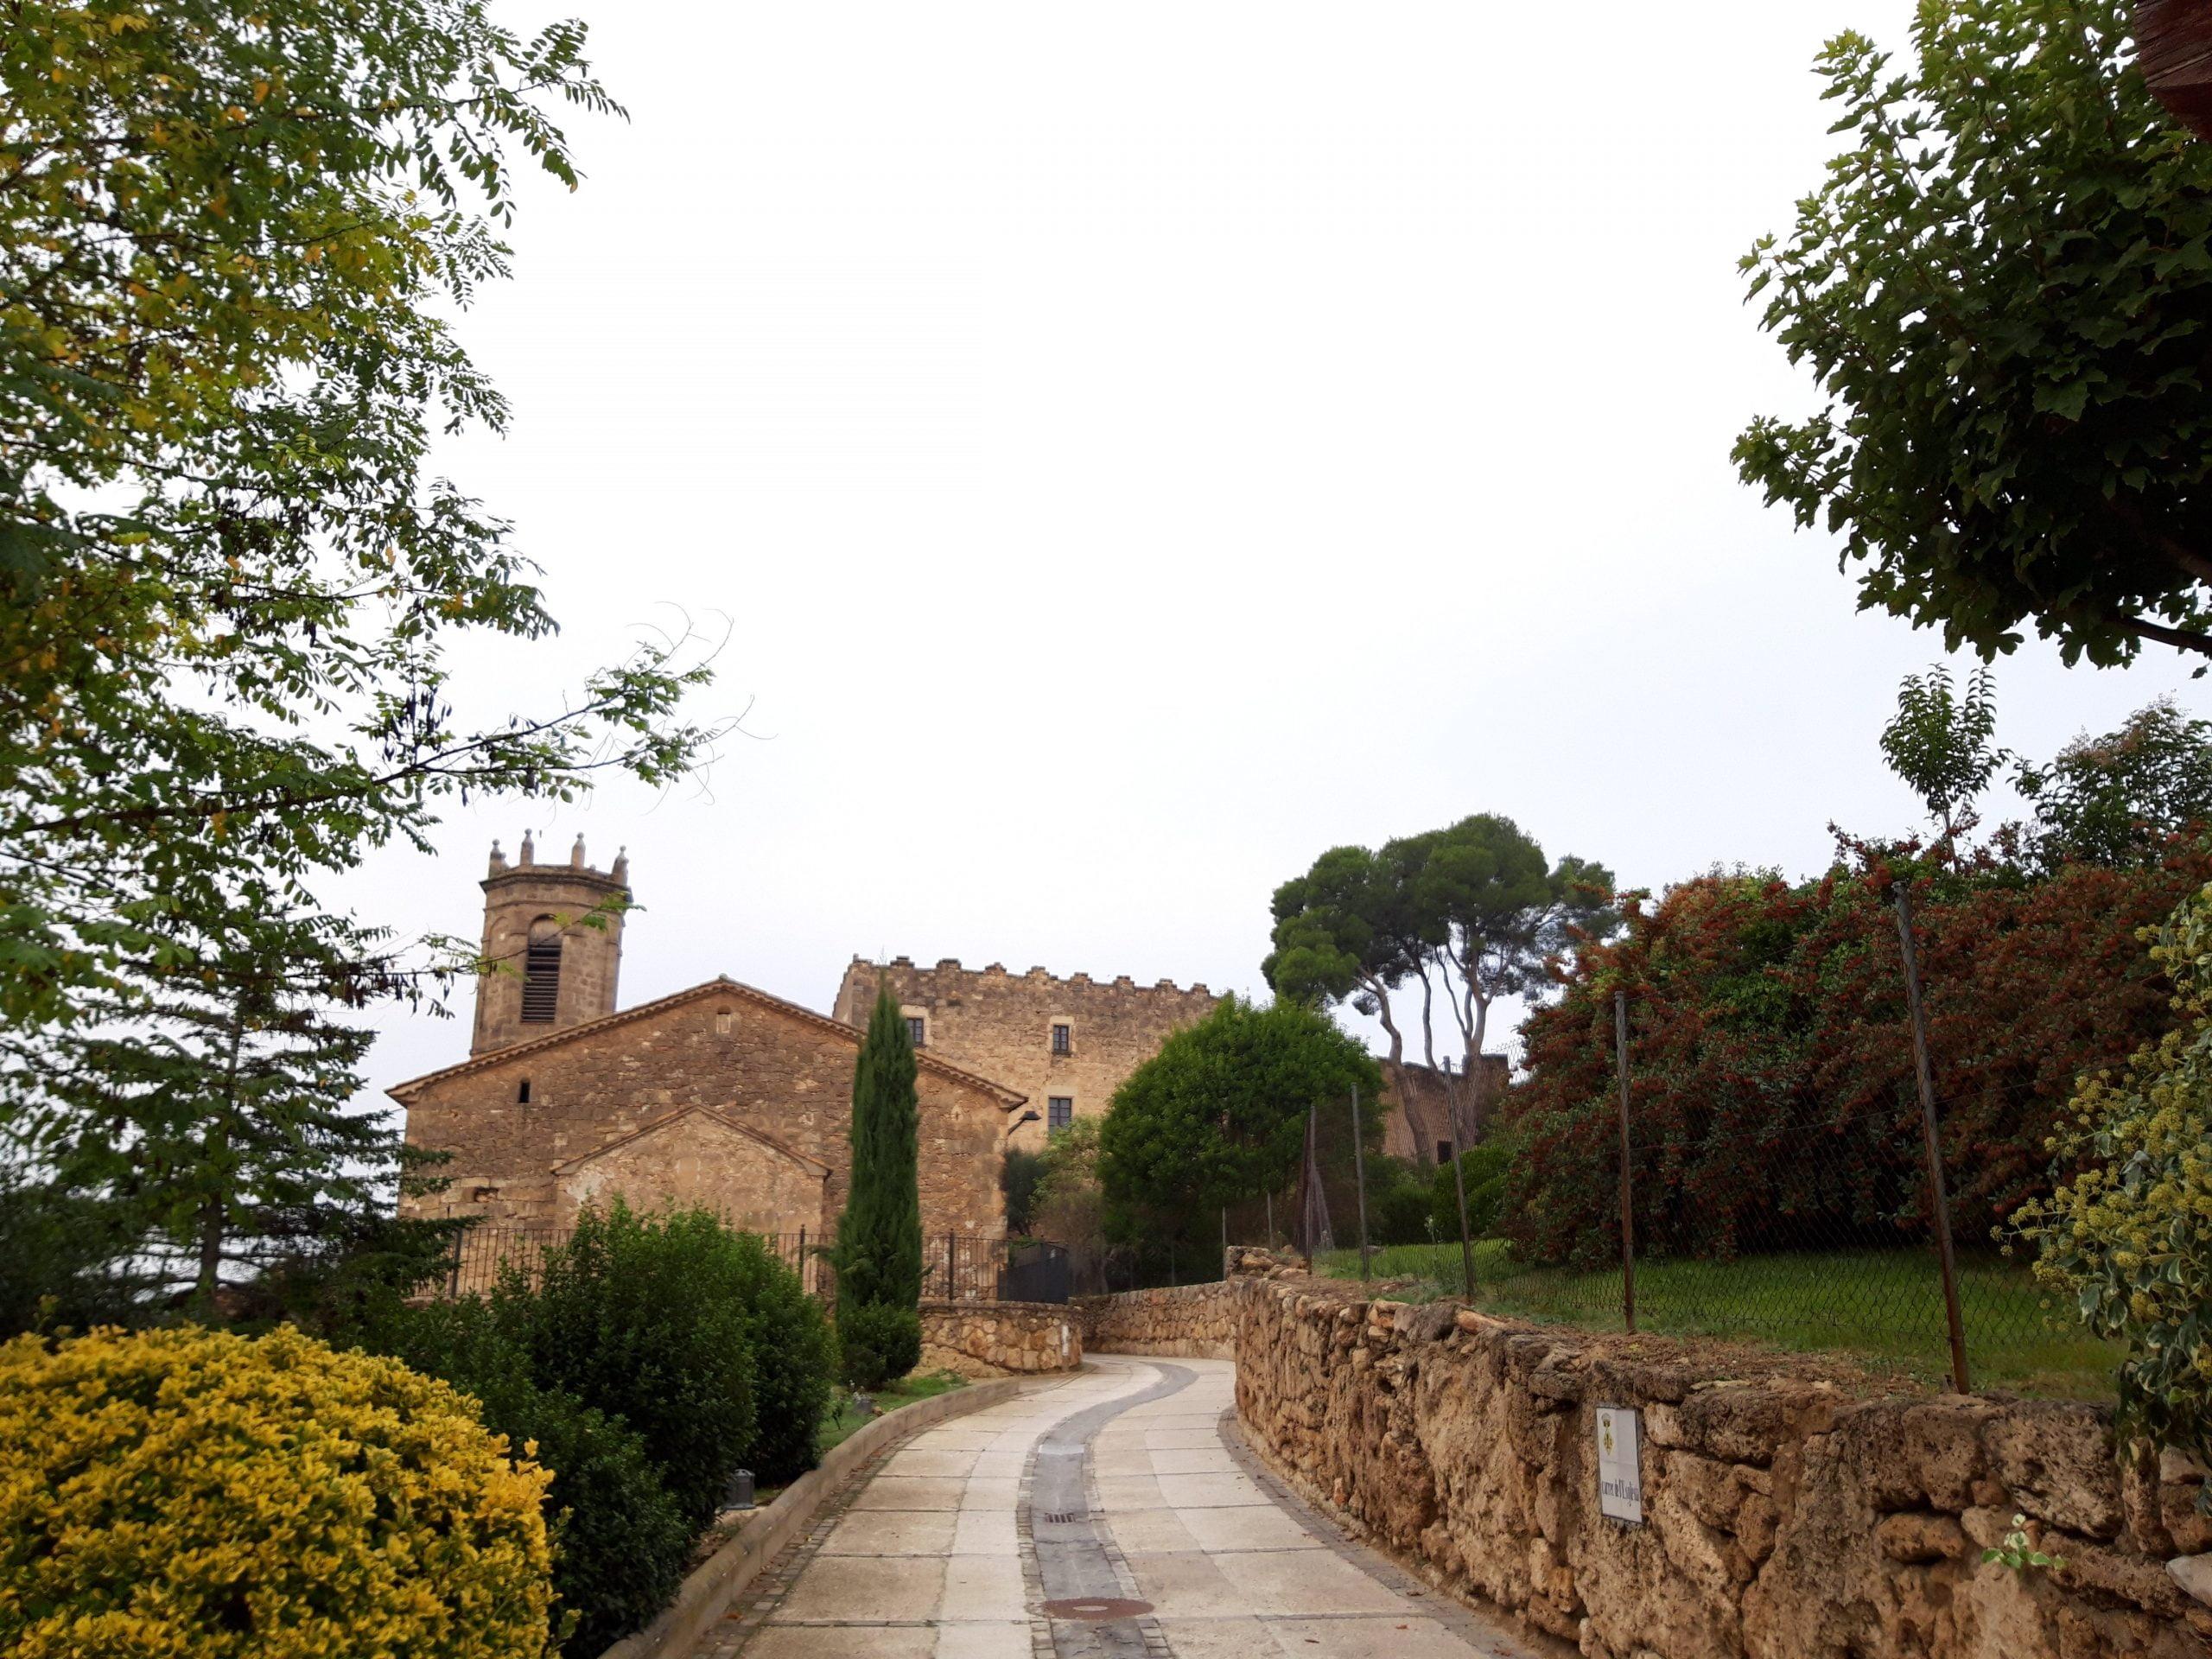 Tour Claramunt, à Anoia, une municipalité sous un imposant château médiéval, des sites préhistoriques et des cabanes en pierre